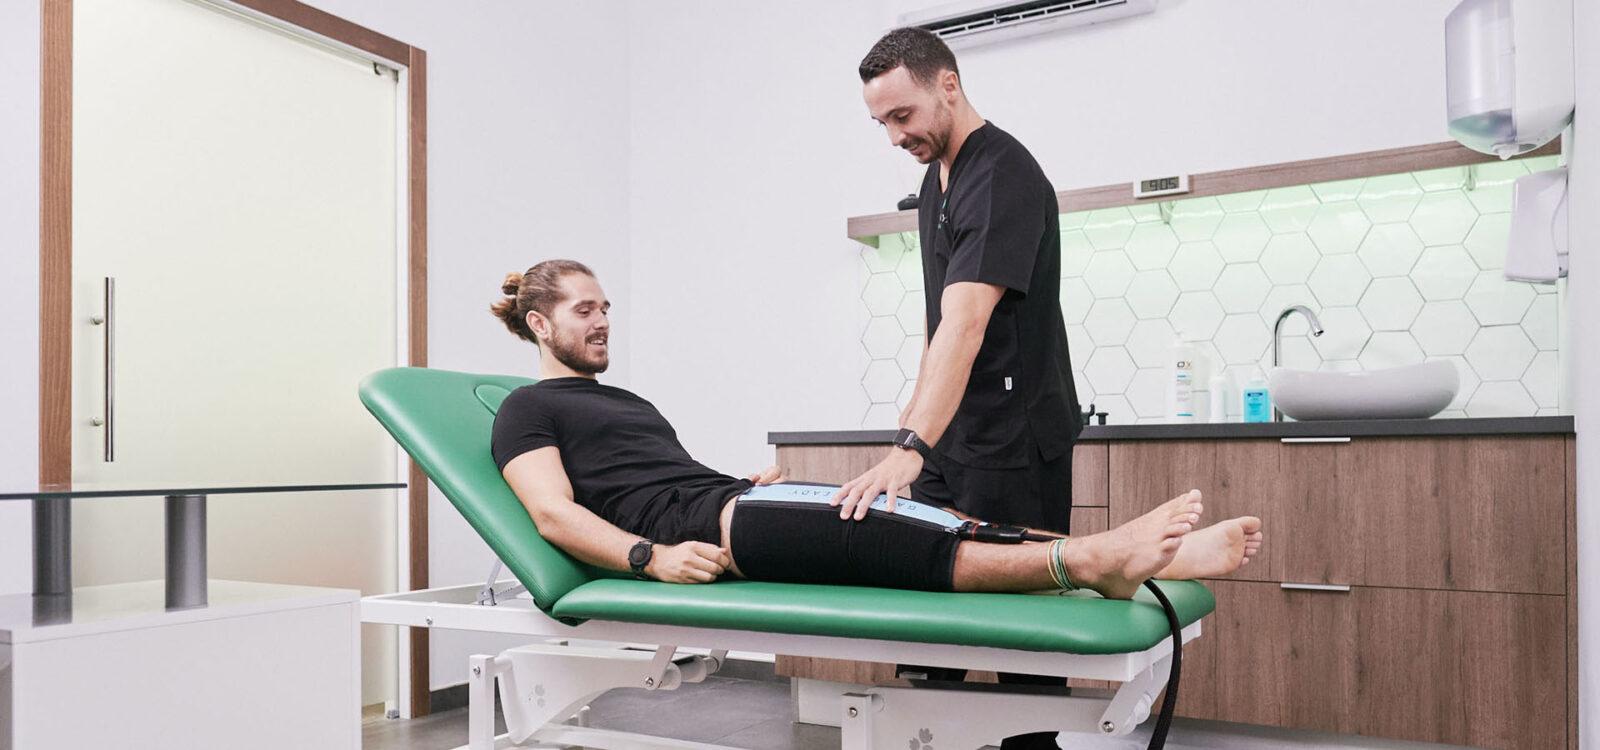 Cabecera de portada de fisioterapia